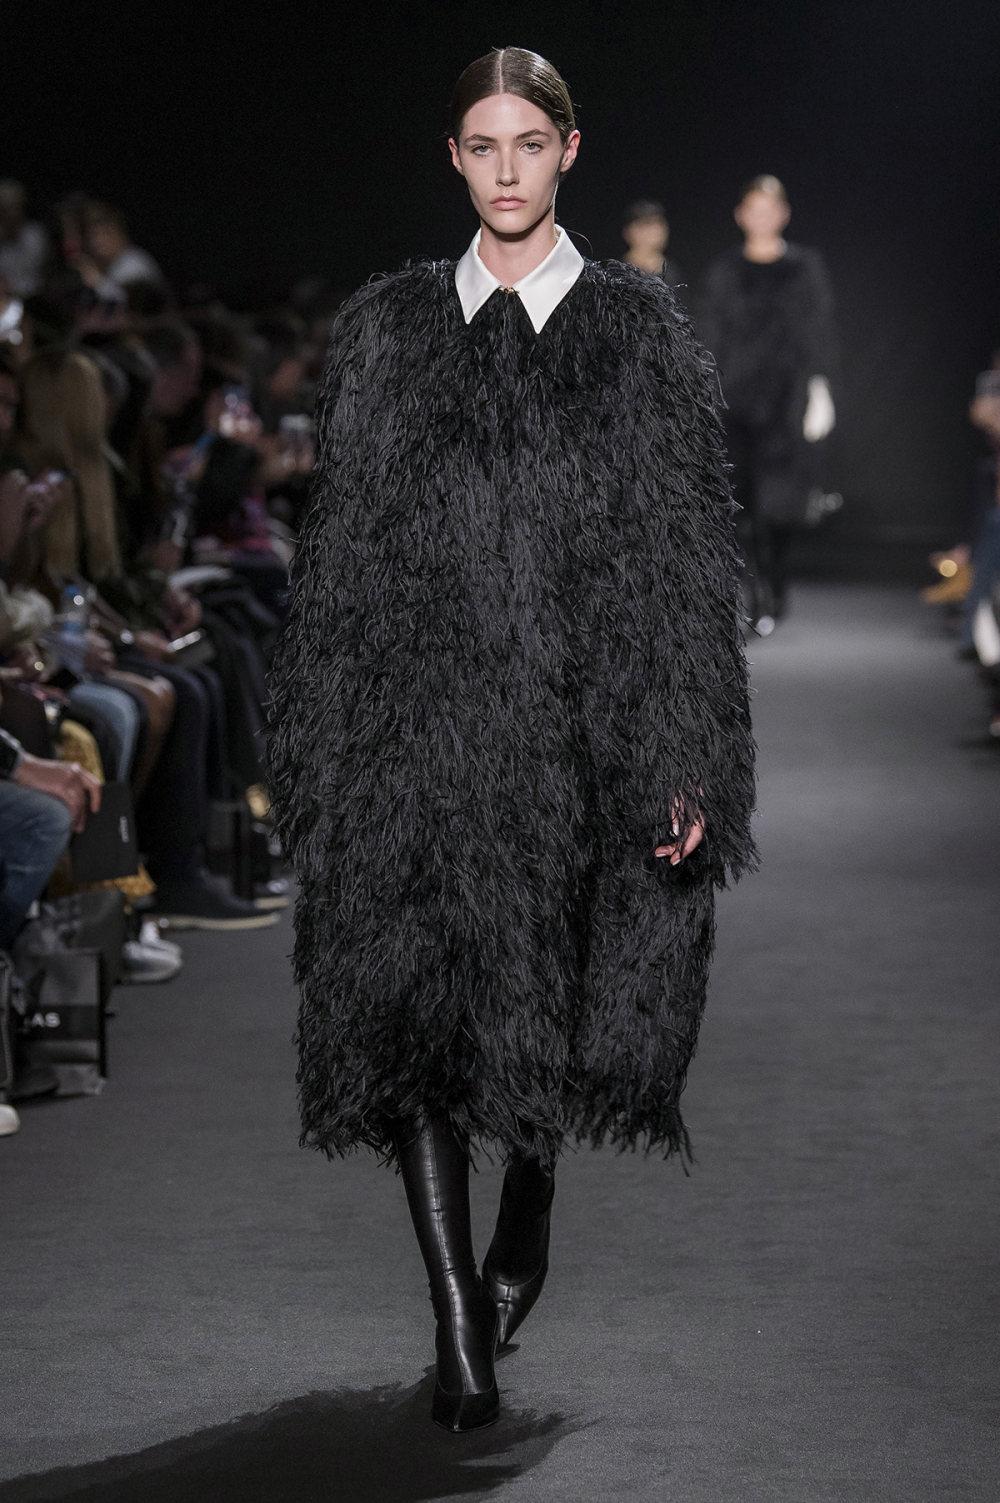 Rochas时装系列黑色无领斜纹软呢褶皱的黑色裙身饰有超细短袖衬衫-6.jpg